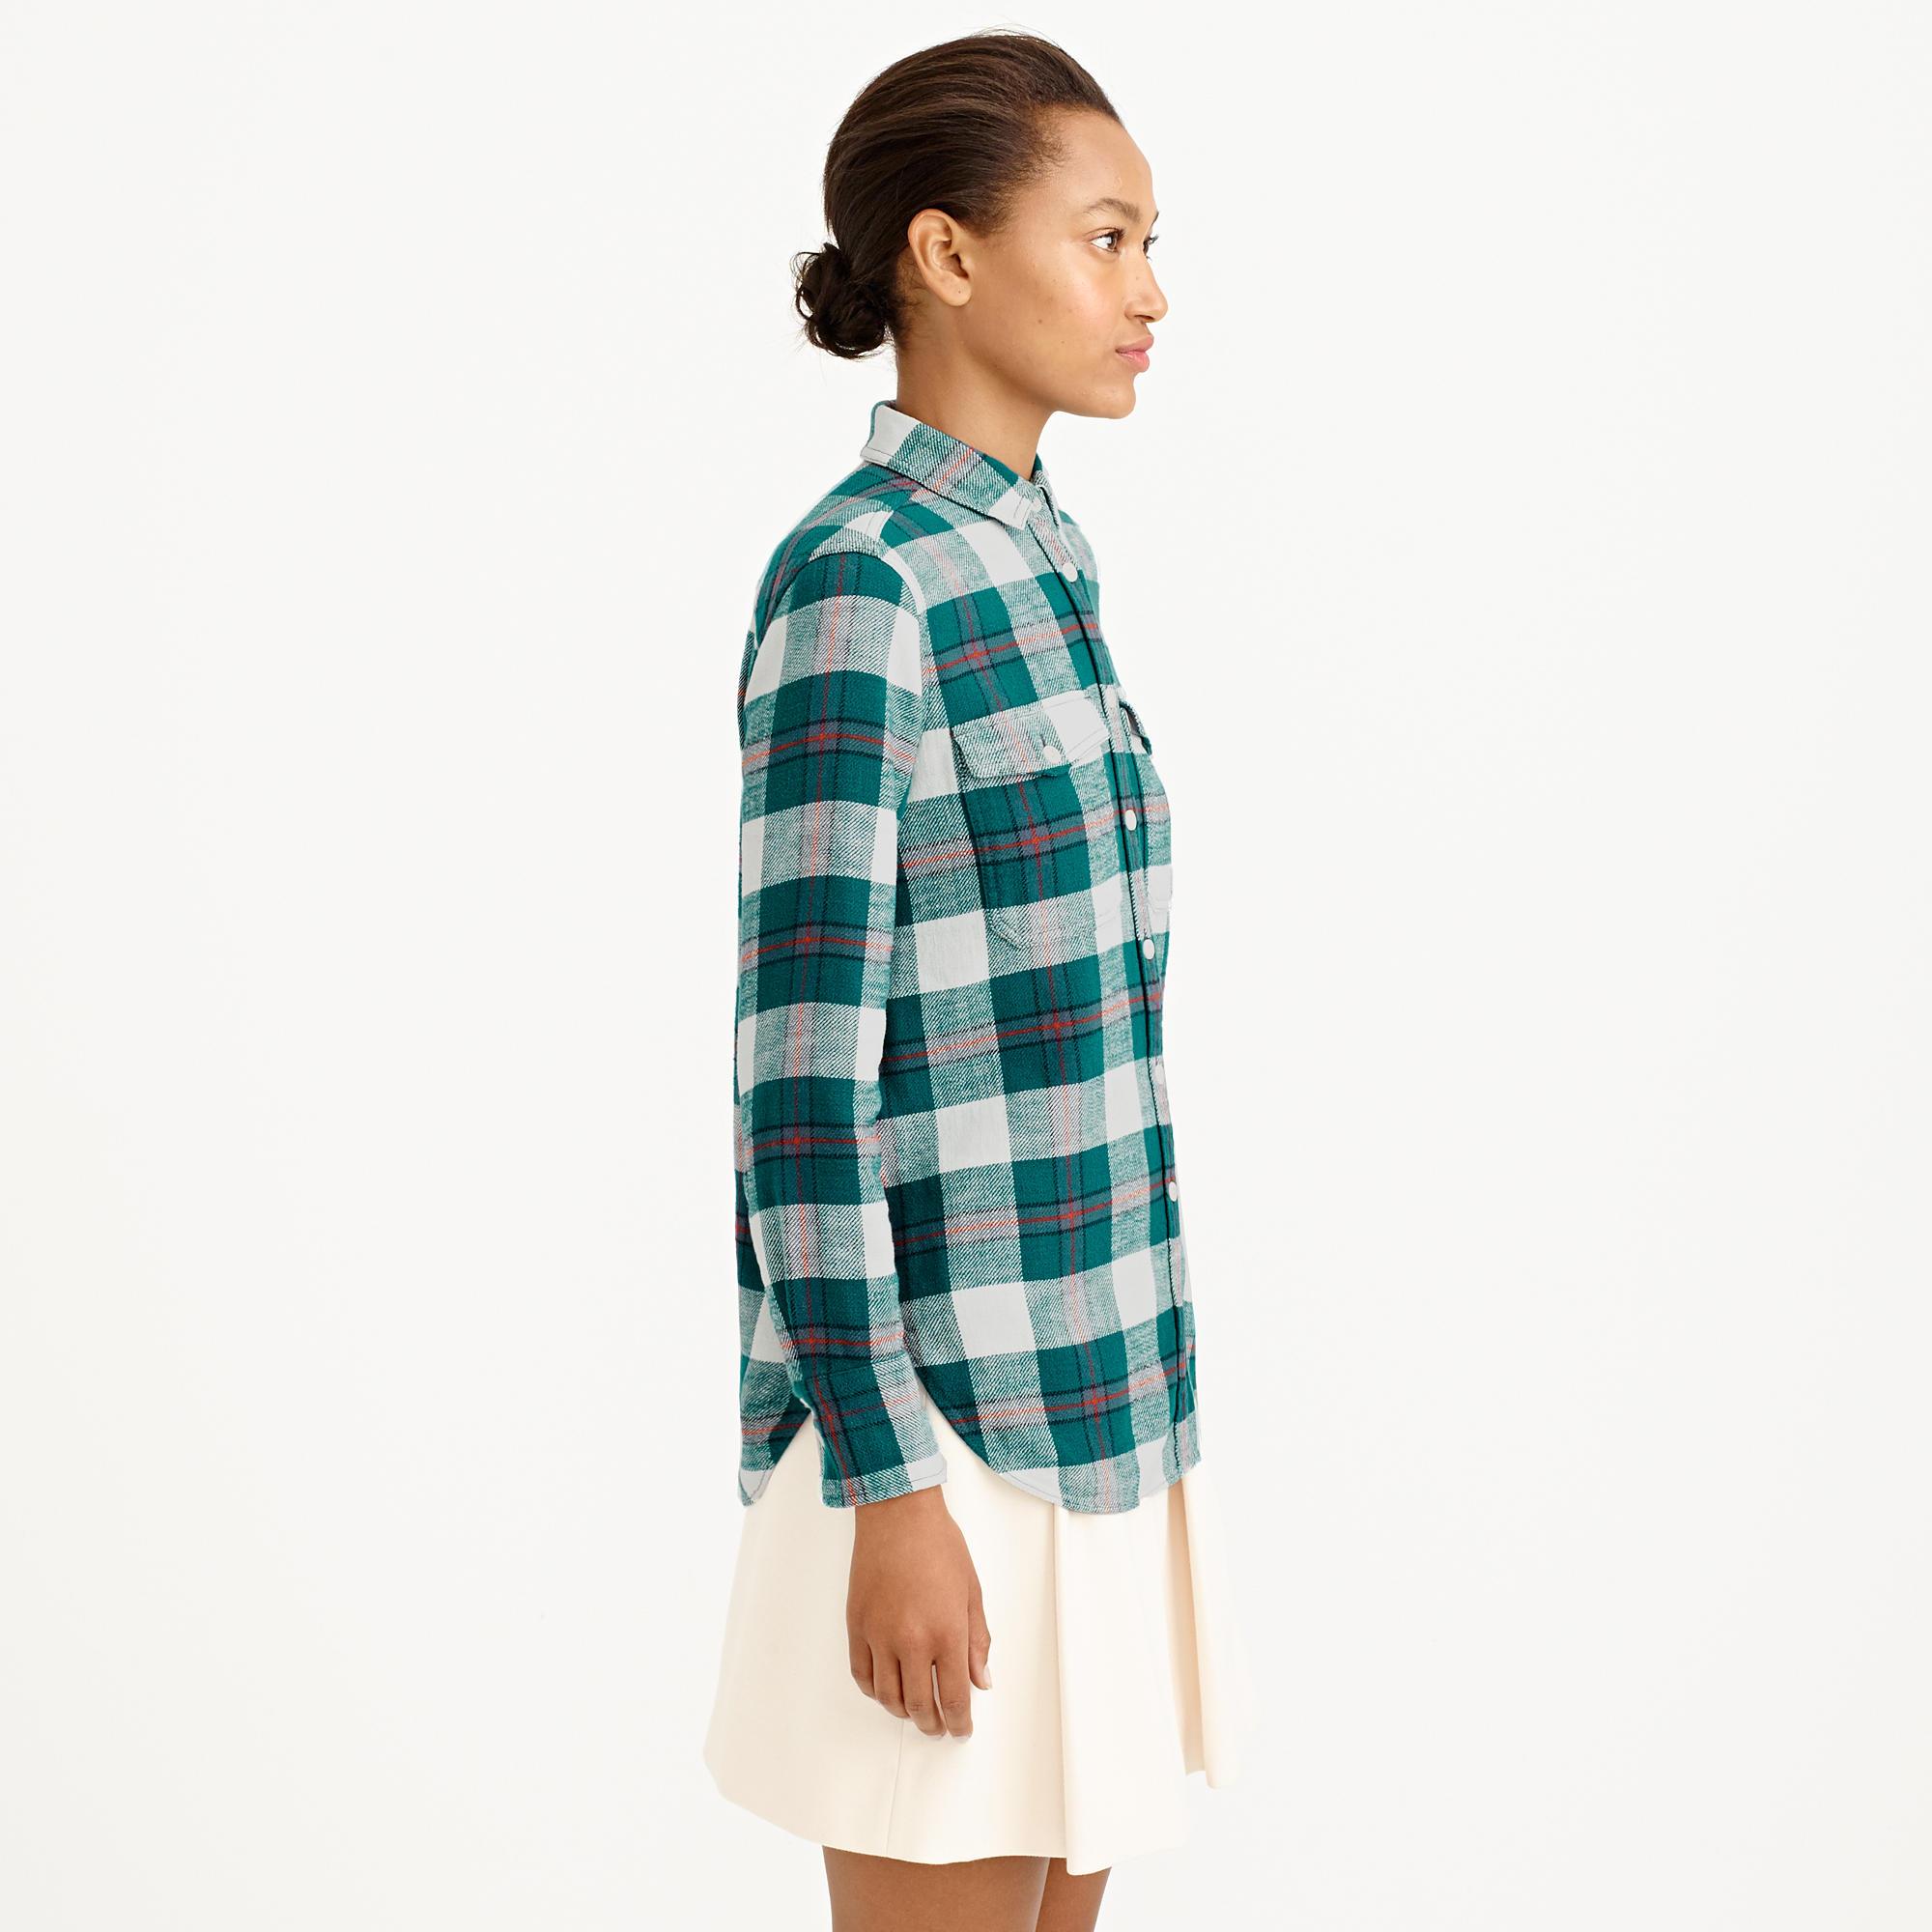 Boyfriend flannel shirt in bluegrass plaid